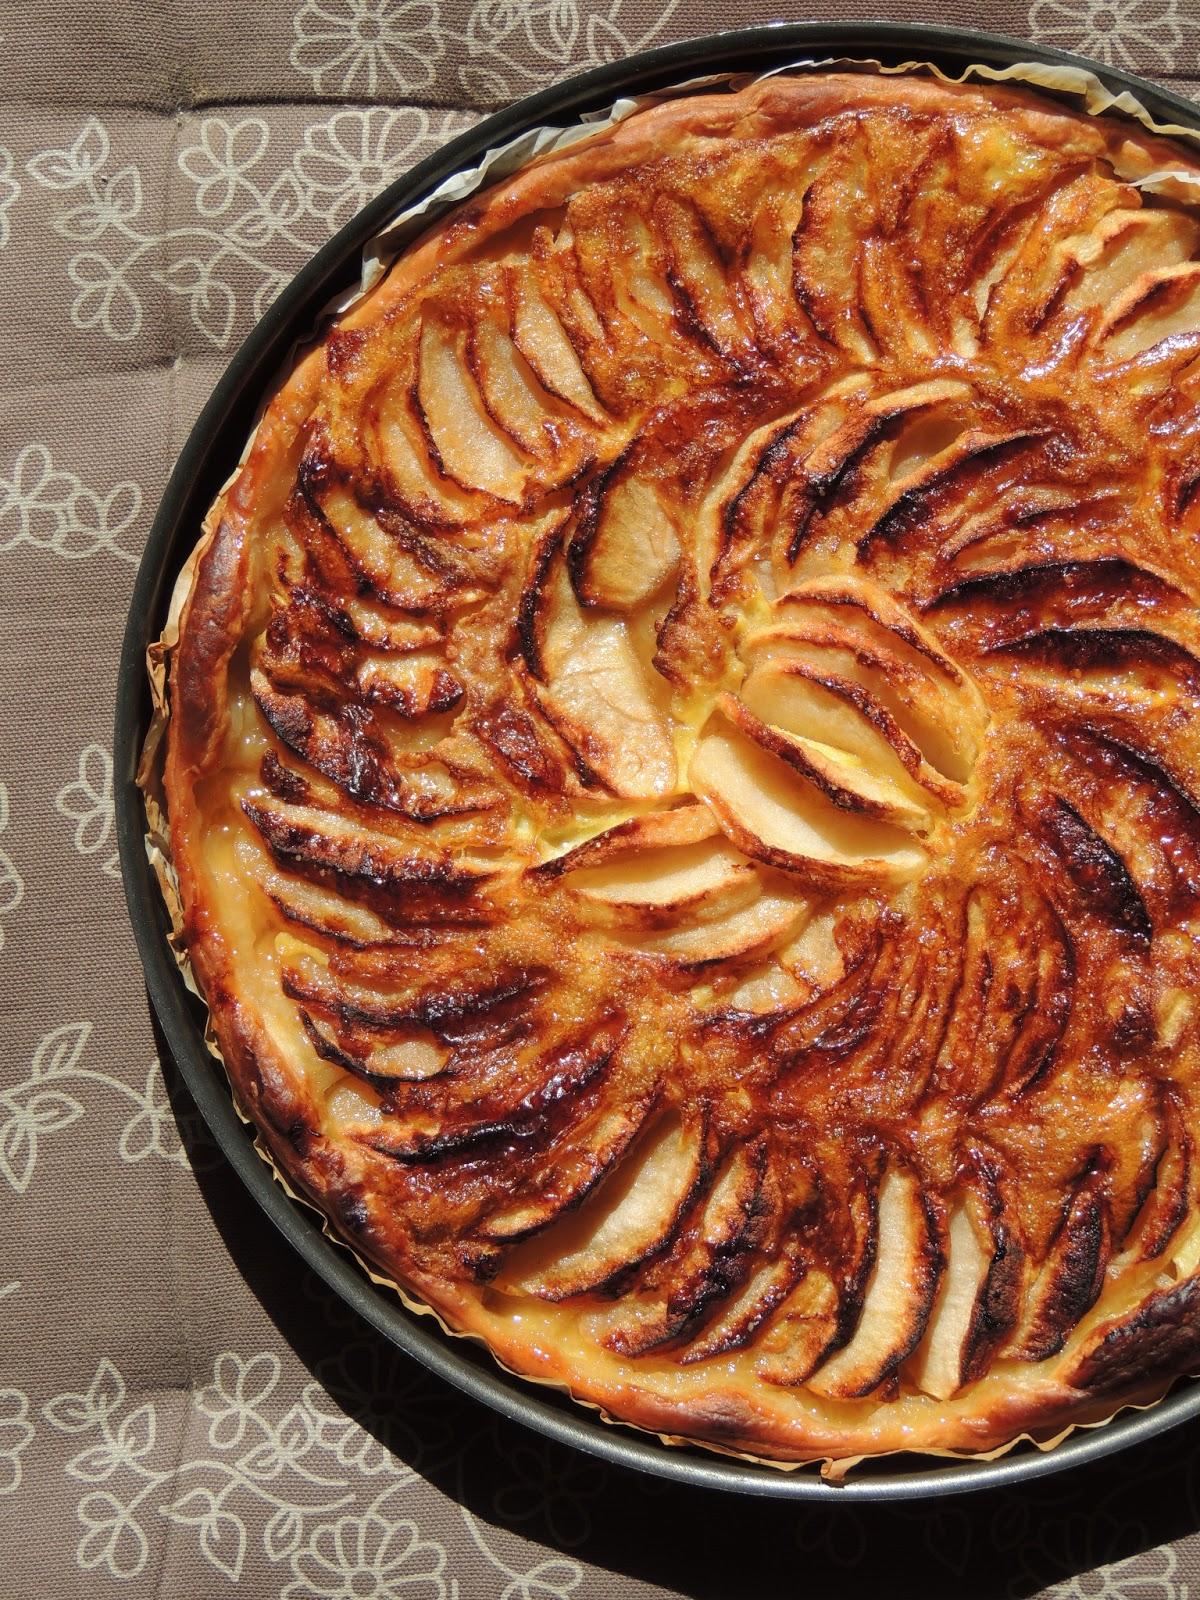 midi cuisine tarte fine aux pommes et sirop d 39 rable p te sabl e la farine de ch taigne. Black Bedroom Furniture Sets. Home Design Ideas